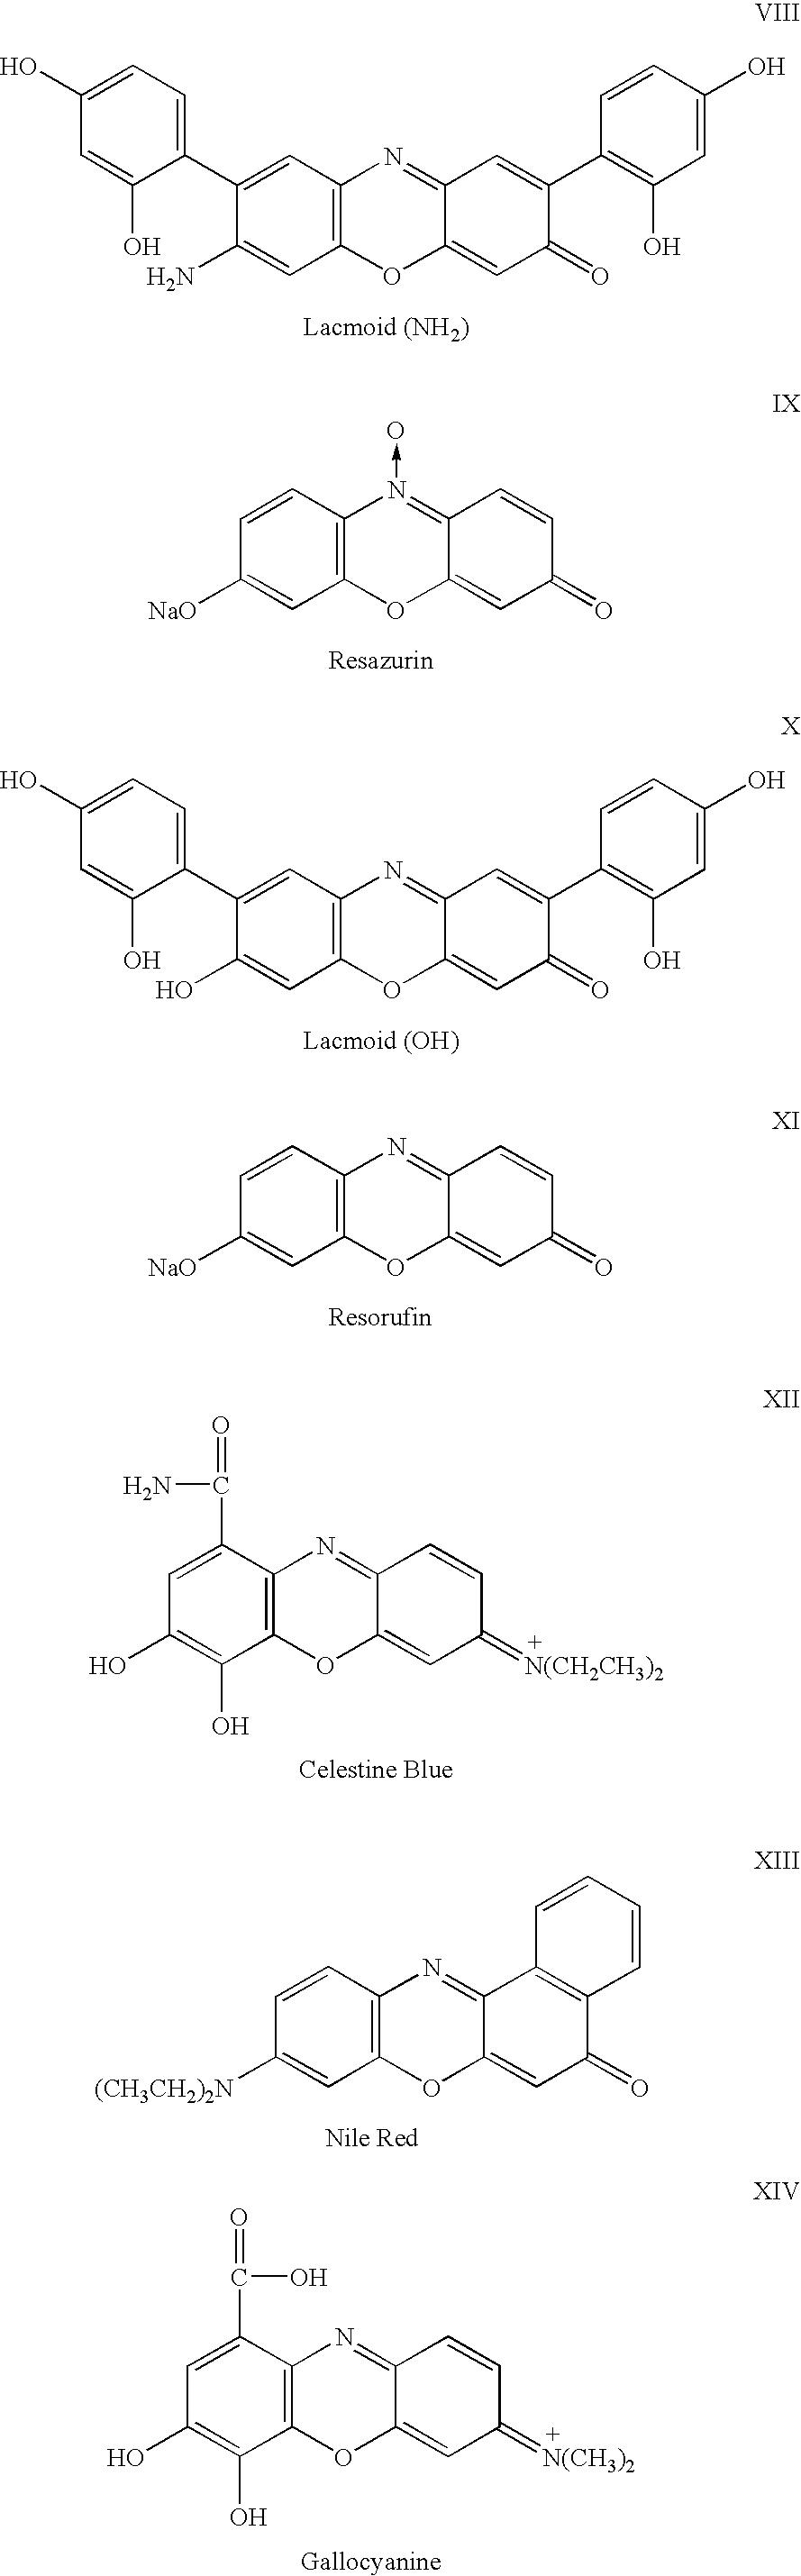 Figure US07821697-20101026-C00019